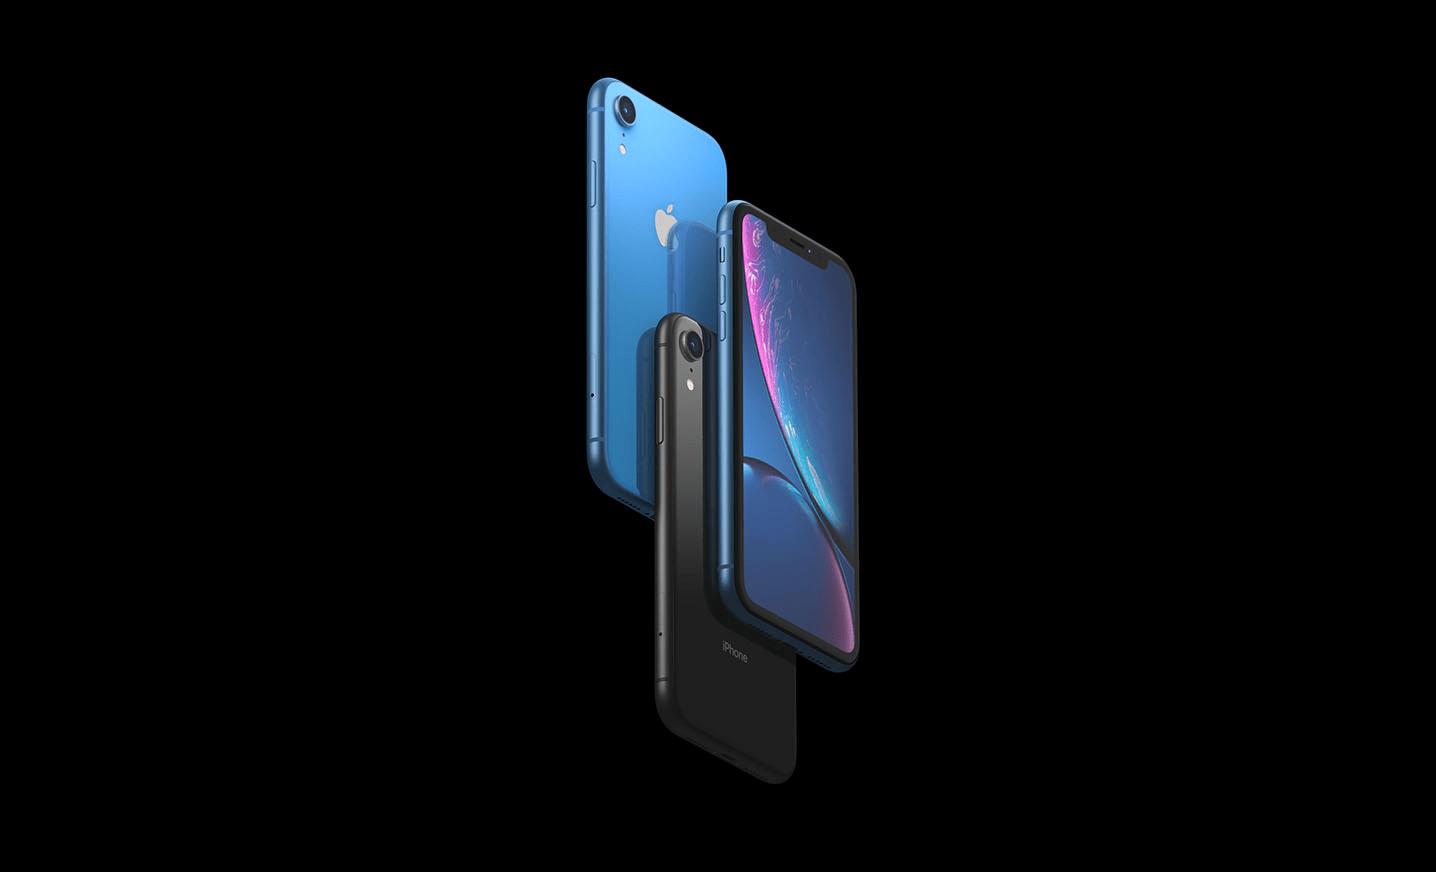 Isegi müük on hea, iPhone XR-l pole inventeerimisprobleeme